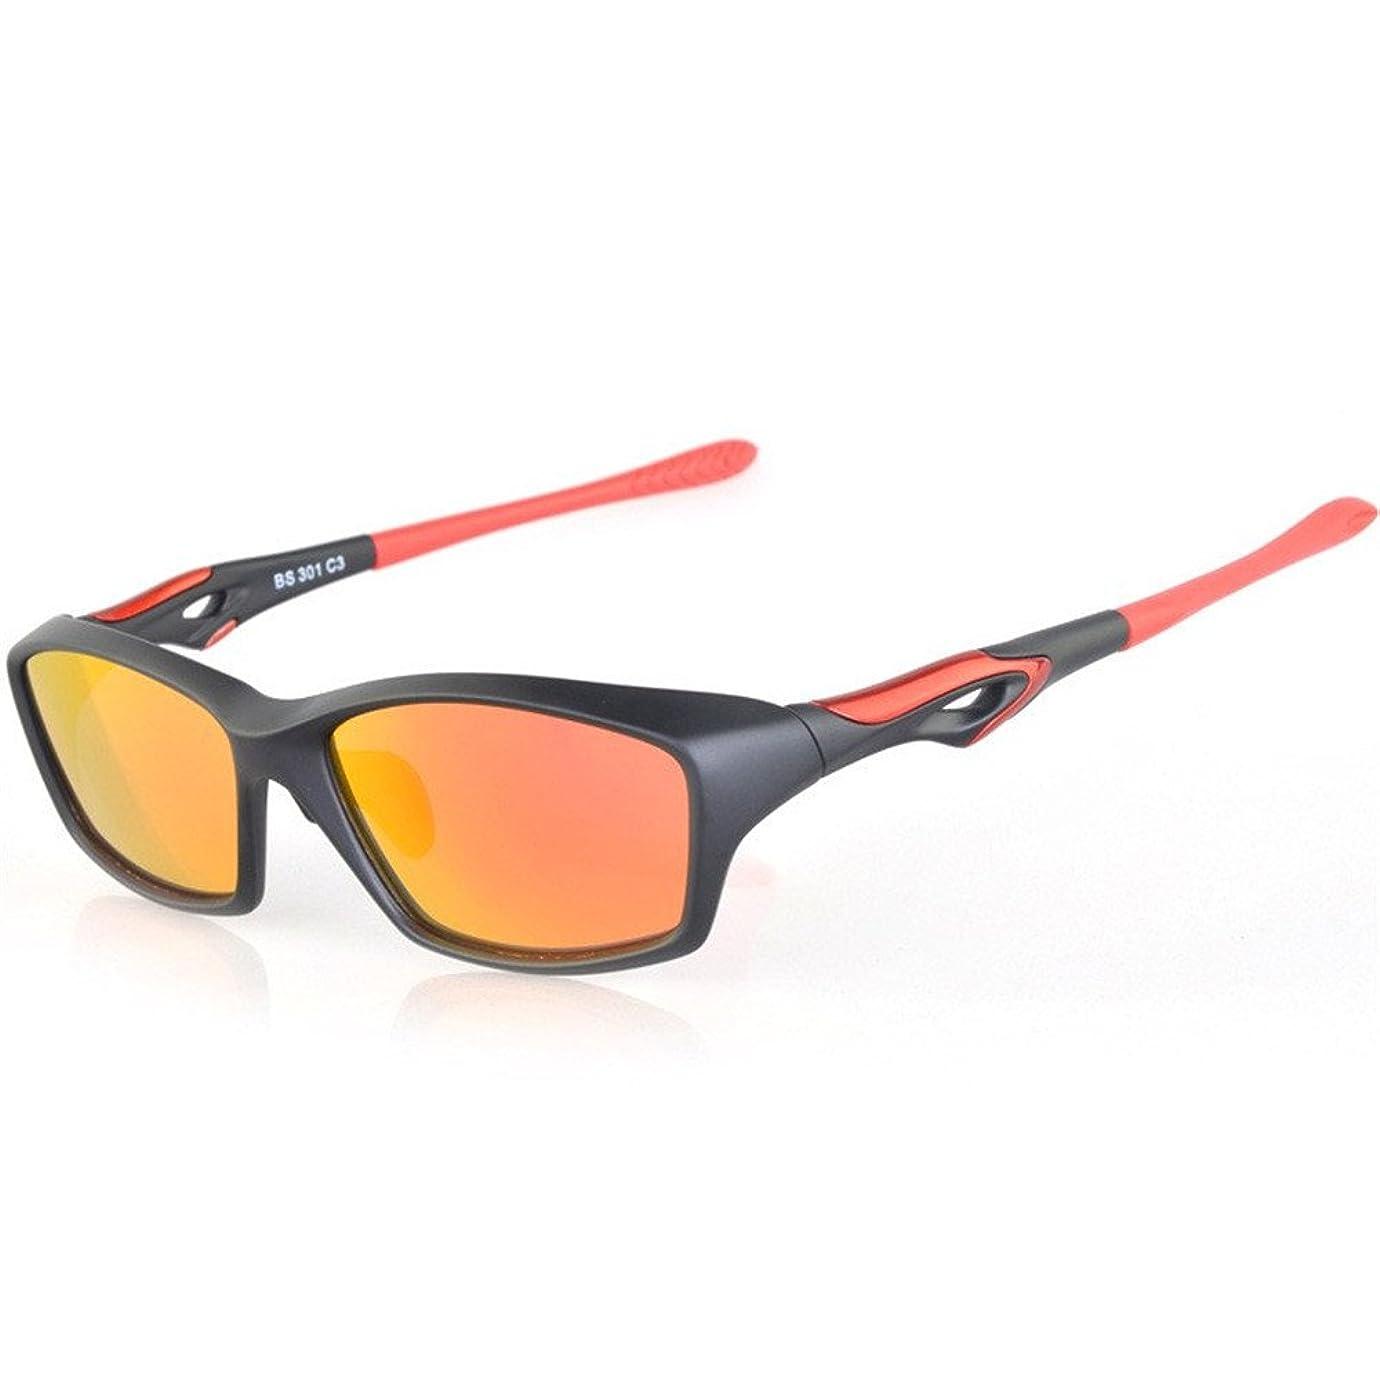 言い直す日没アンタゴニストサイクリンググラス 屋外サイクリング愛好家に適した大人の屋外メガネを変える自転車の色 サイクリング 登山 ドライブ 野球 自転車 釣り (Color : Red)